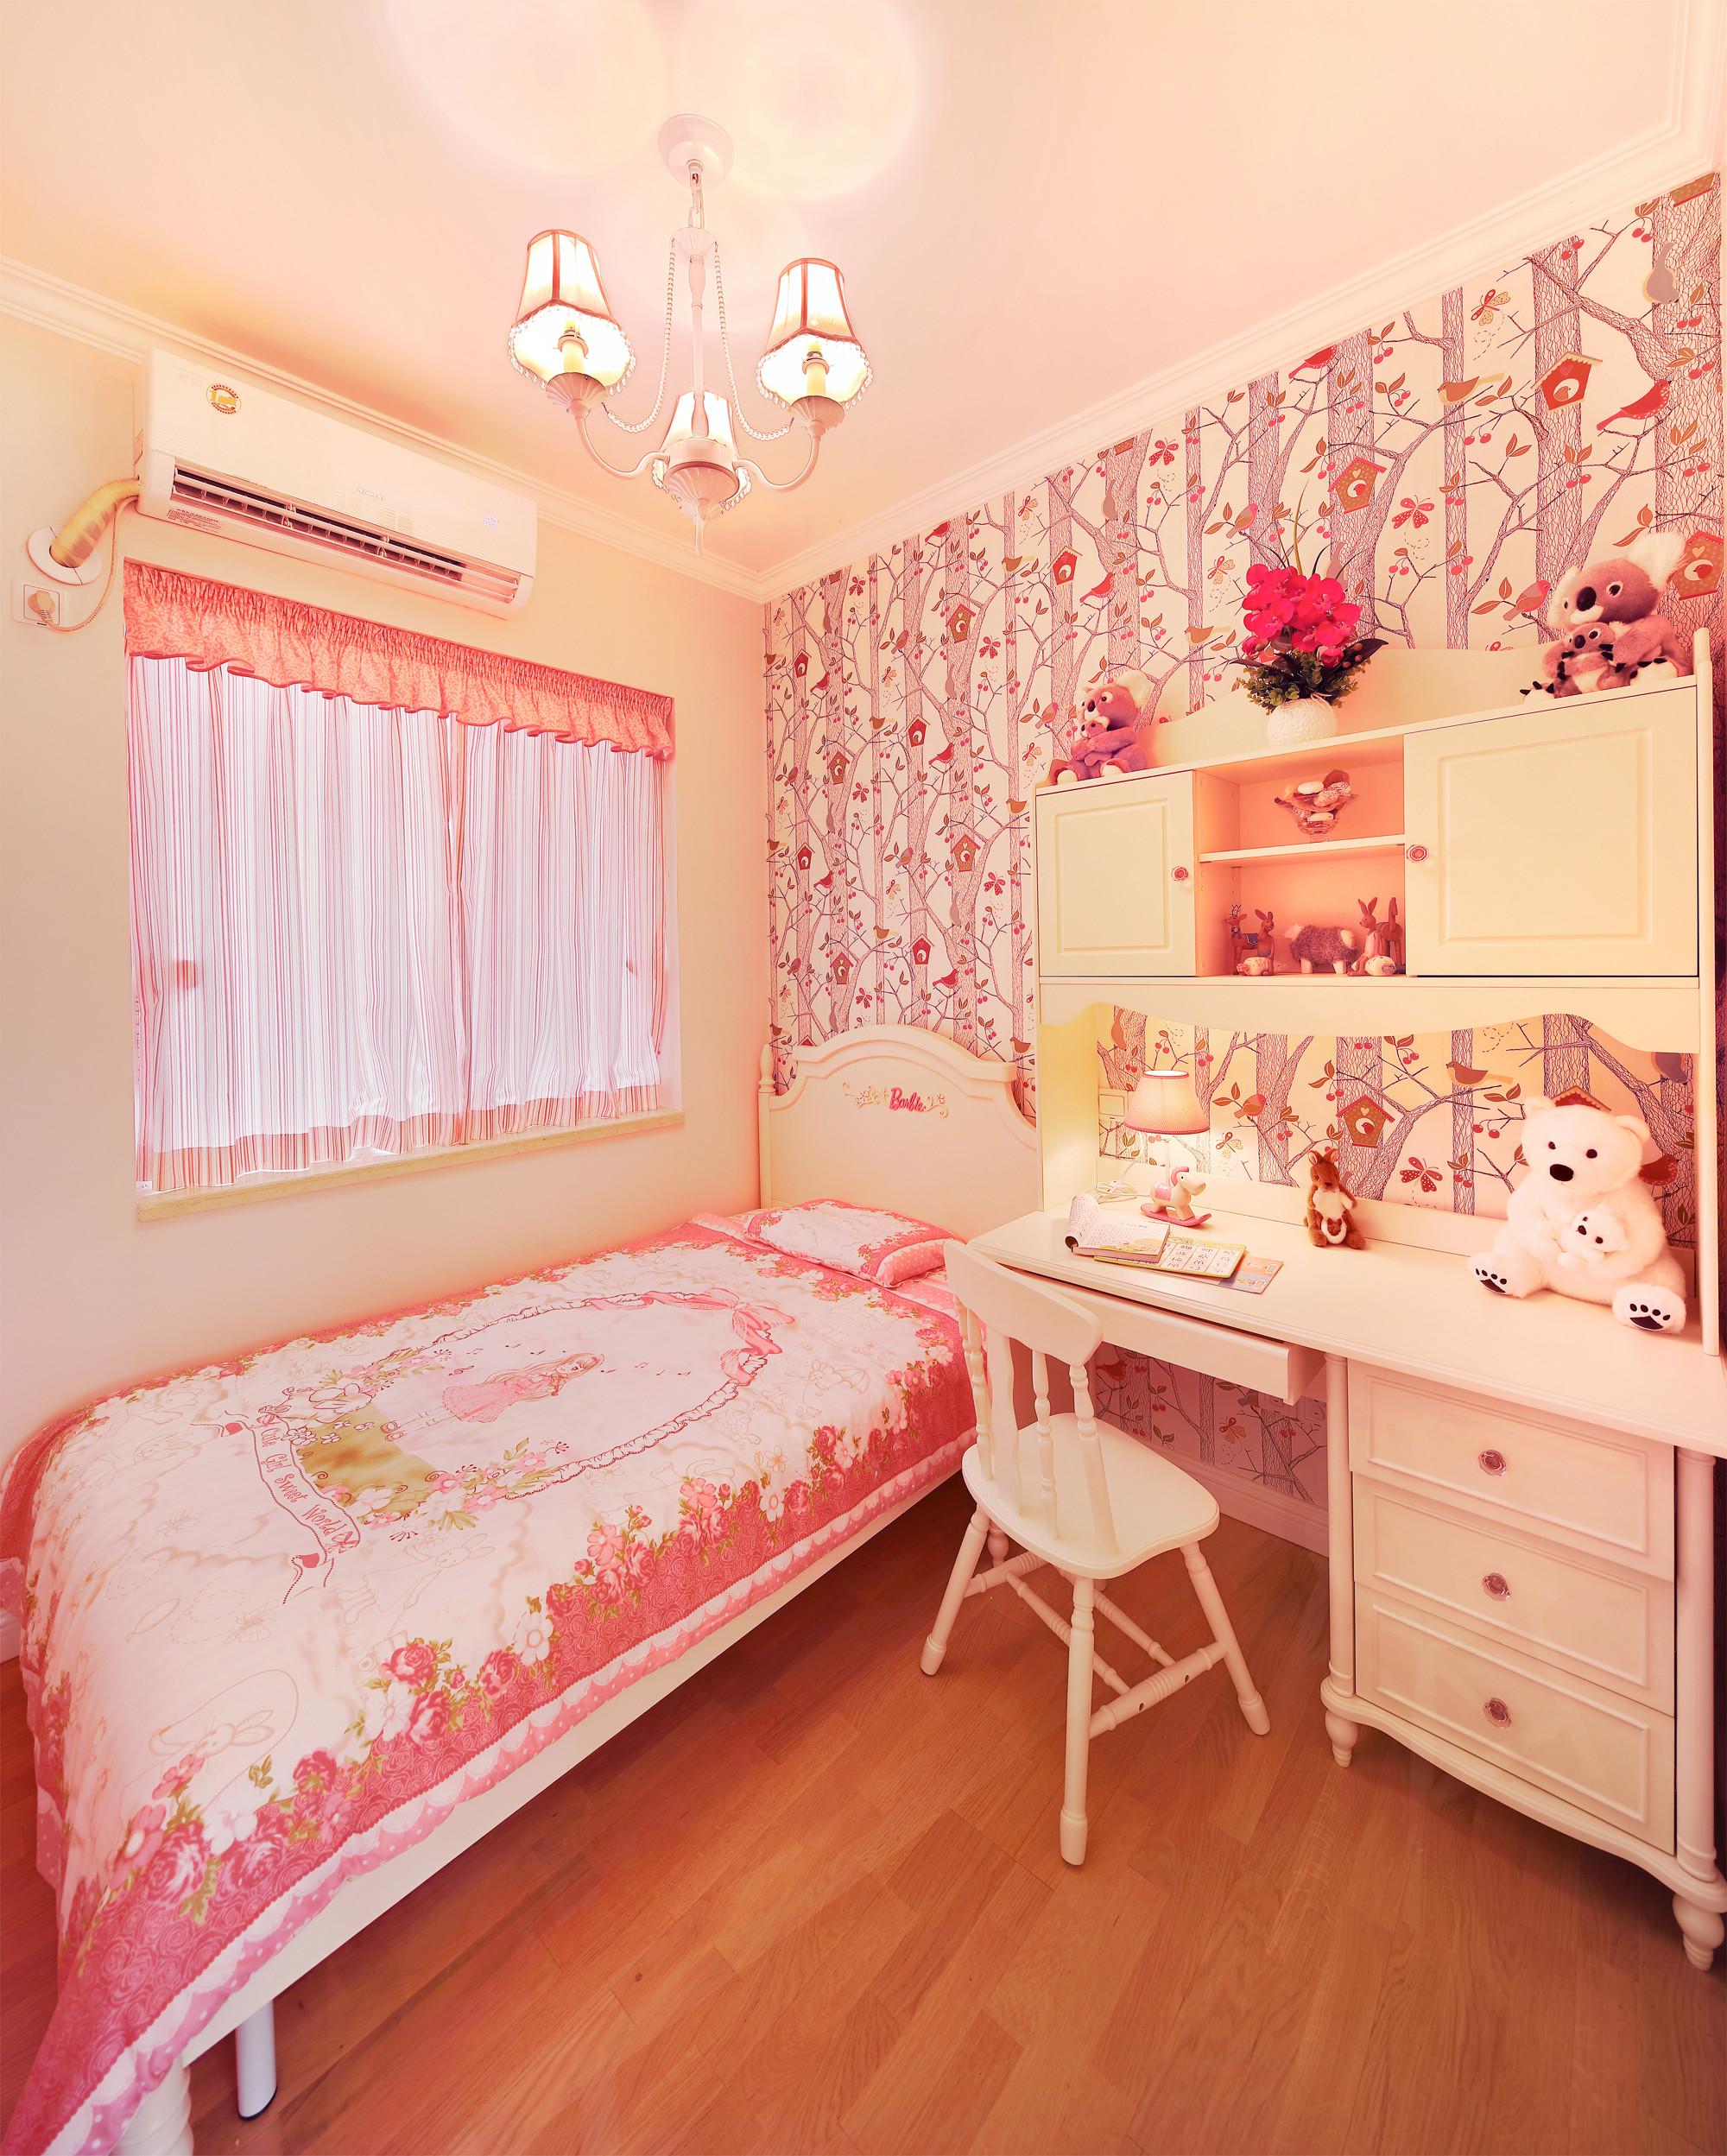 87平美式乡村风格家儿童房设计图